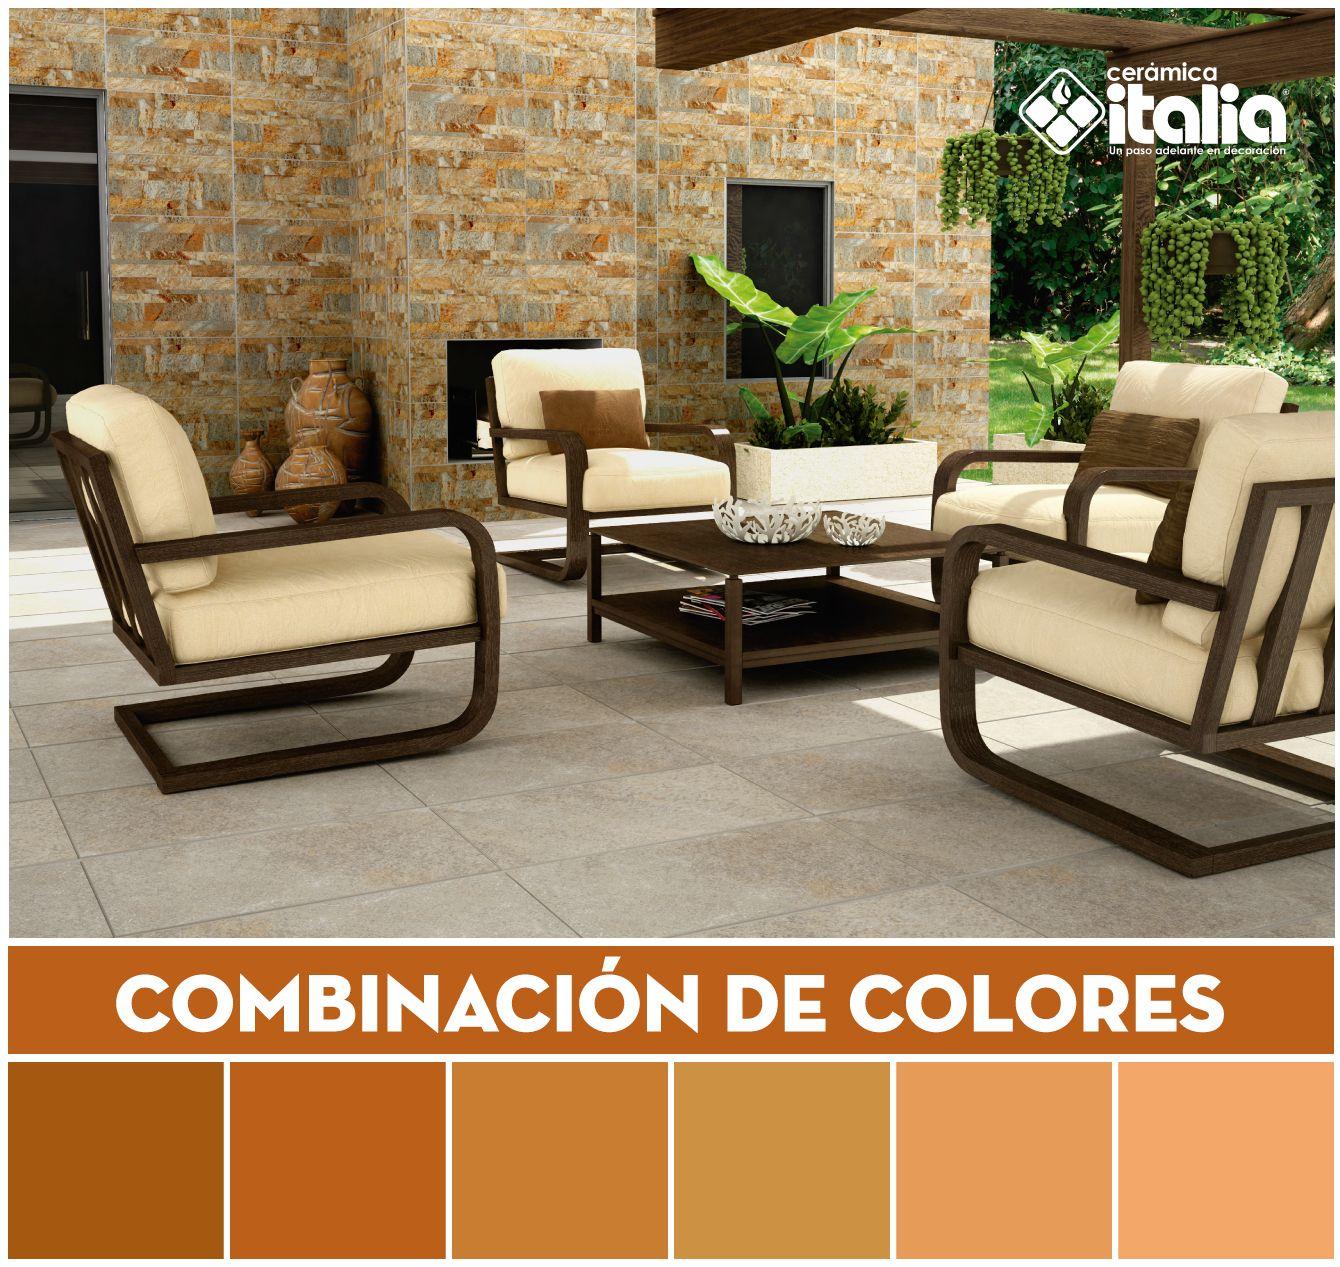 #exterioriores #Outdoor #Orange #Naranja #Muebles #Furniture